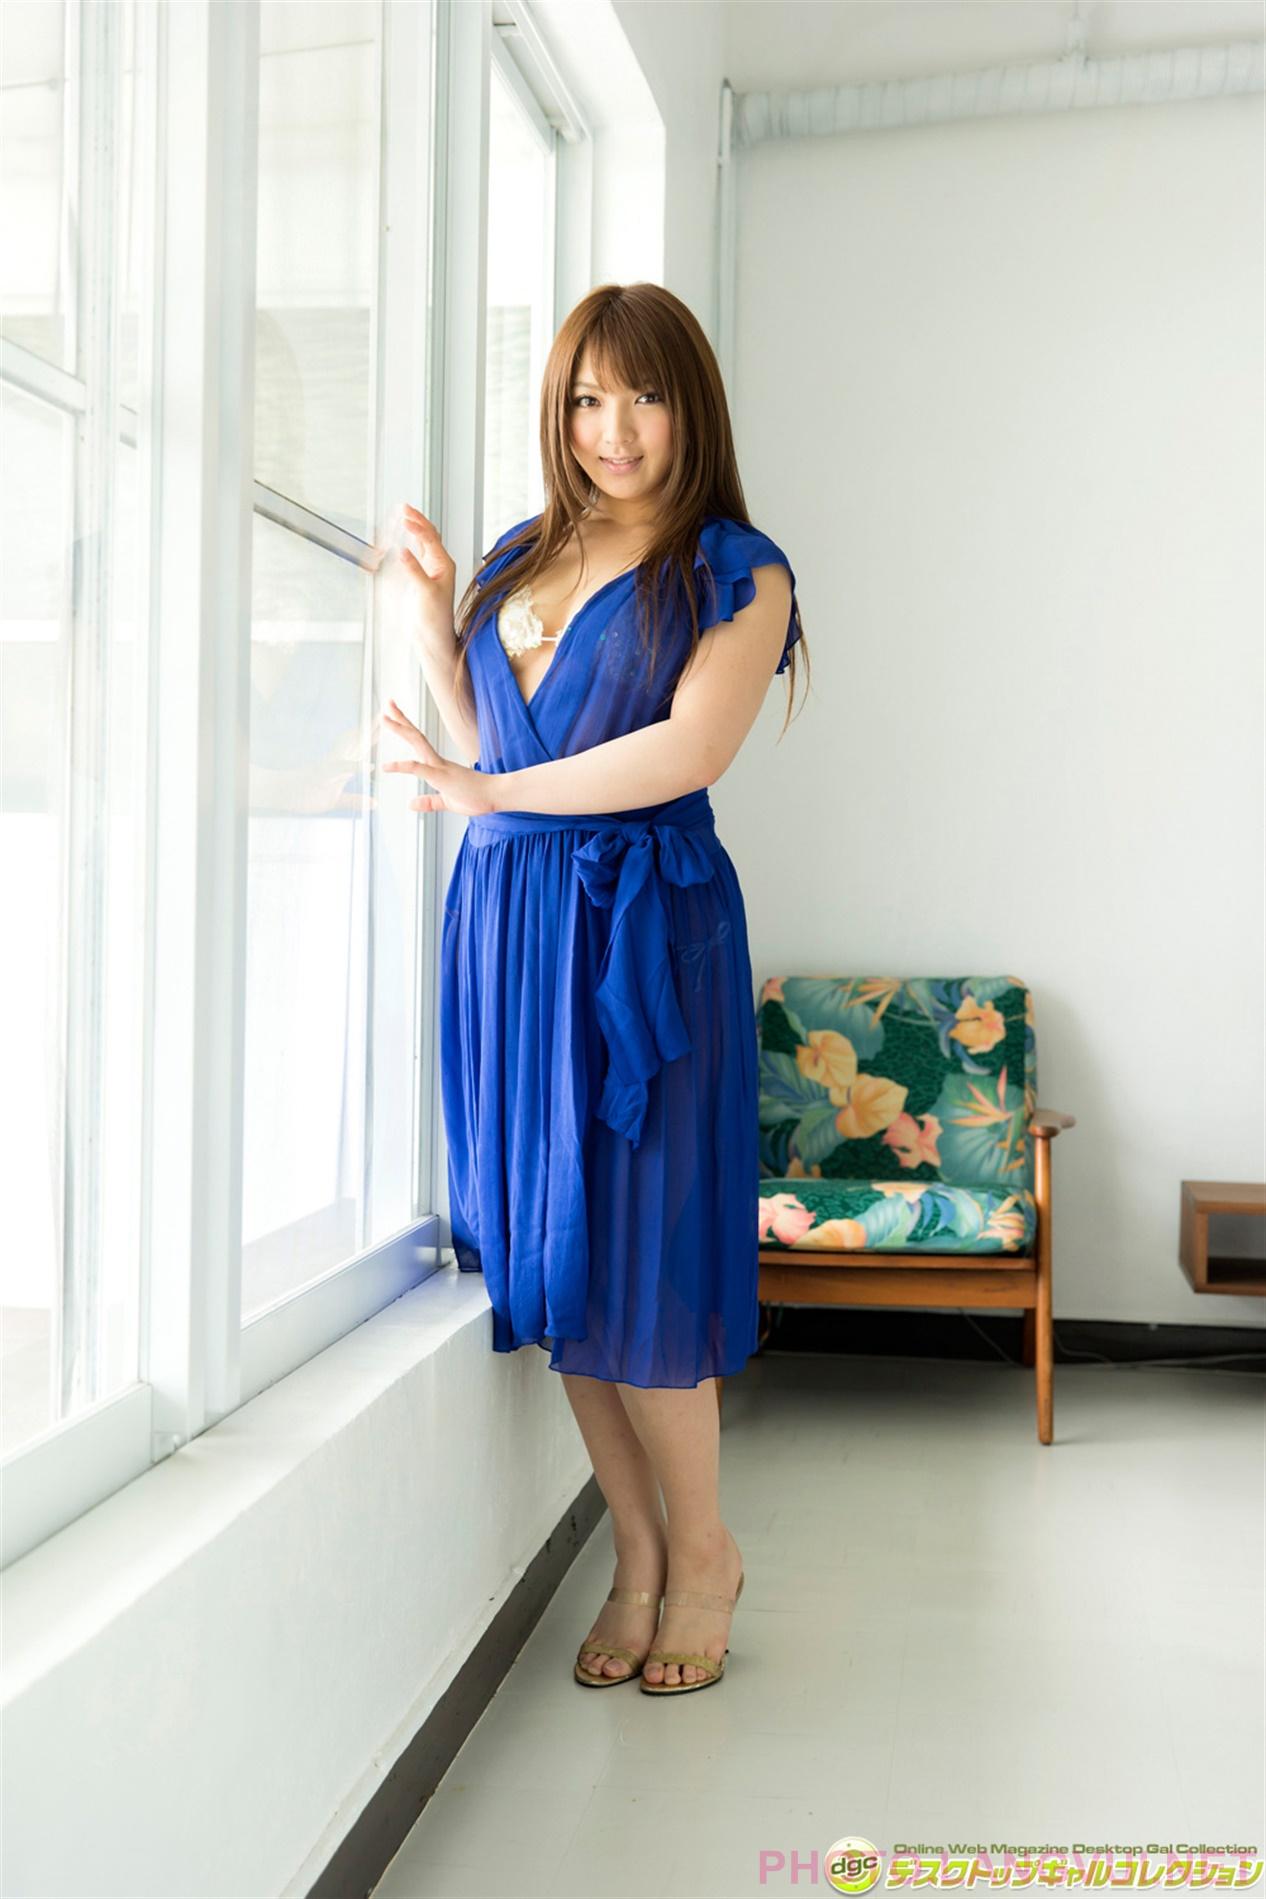 DGC No 1231 Shiori Kamisaki